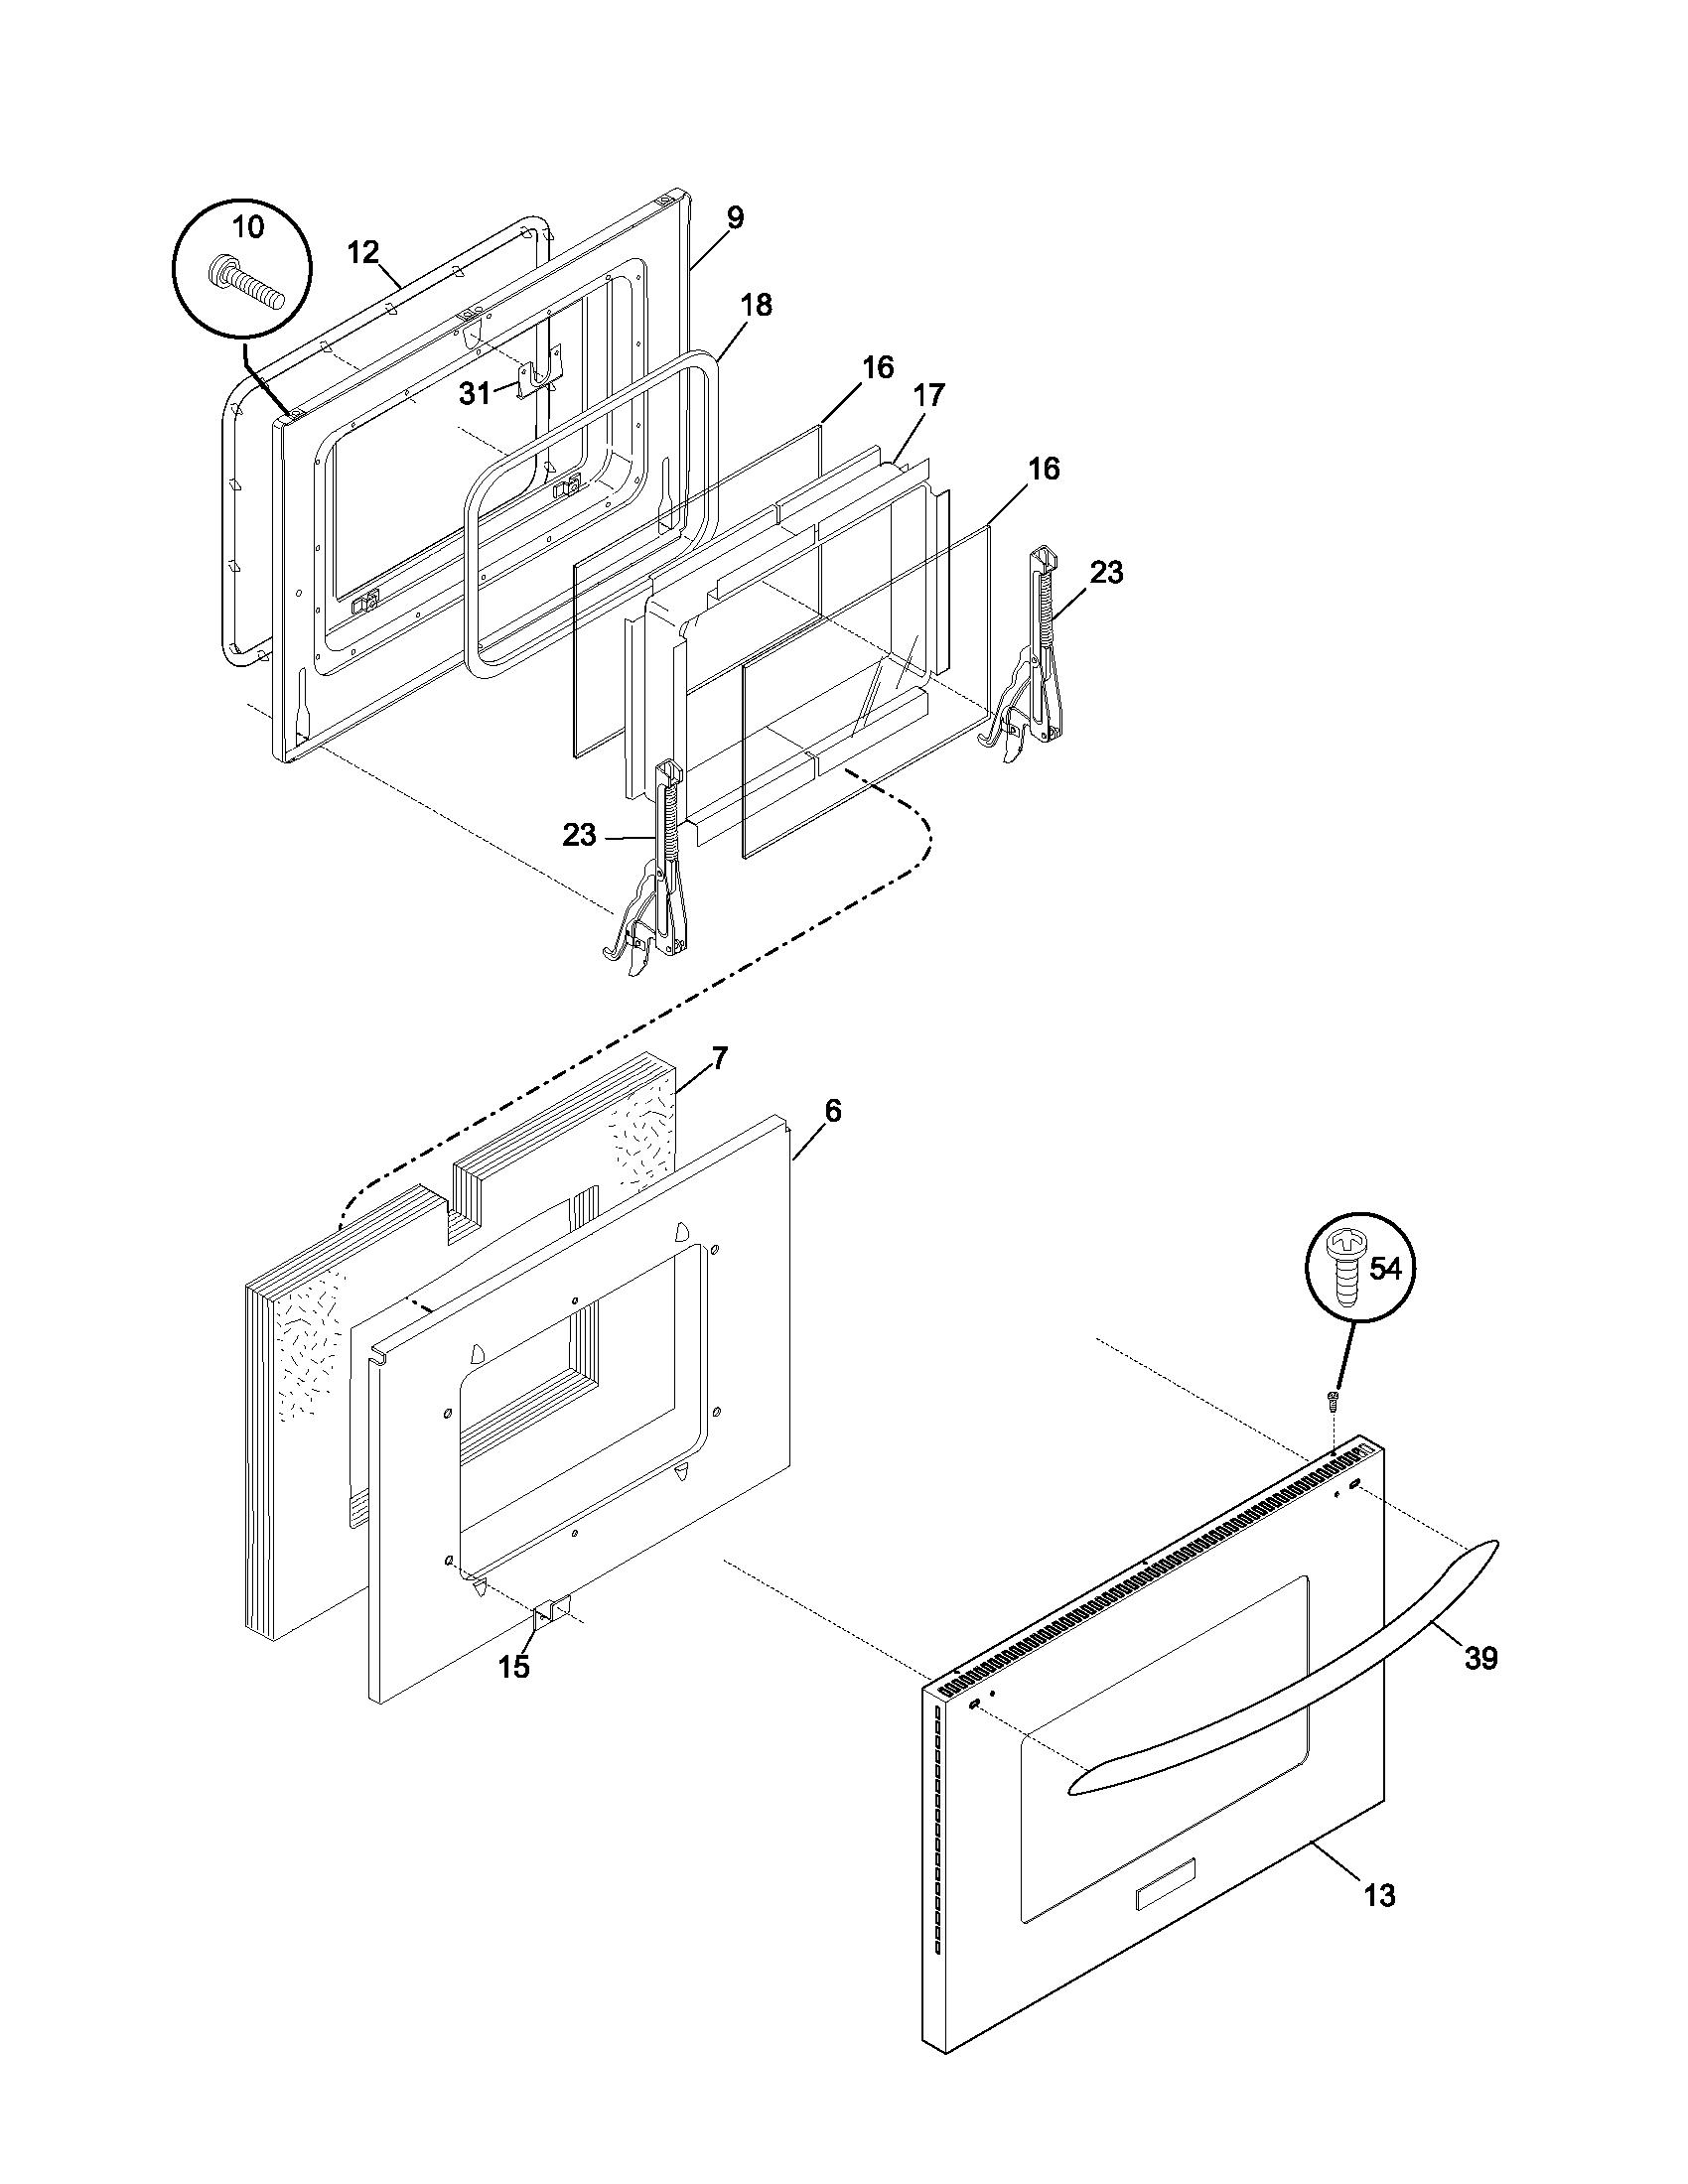 DOOR Diagram & Parts List for Model pleb27t8ccb Frigidaire